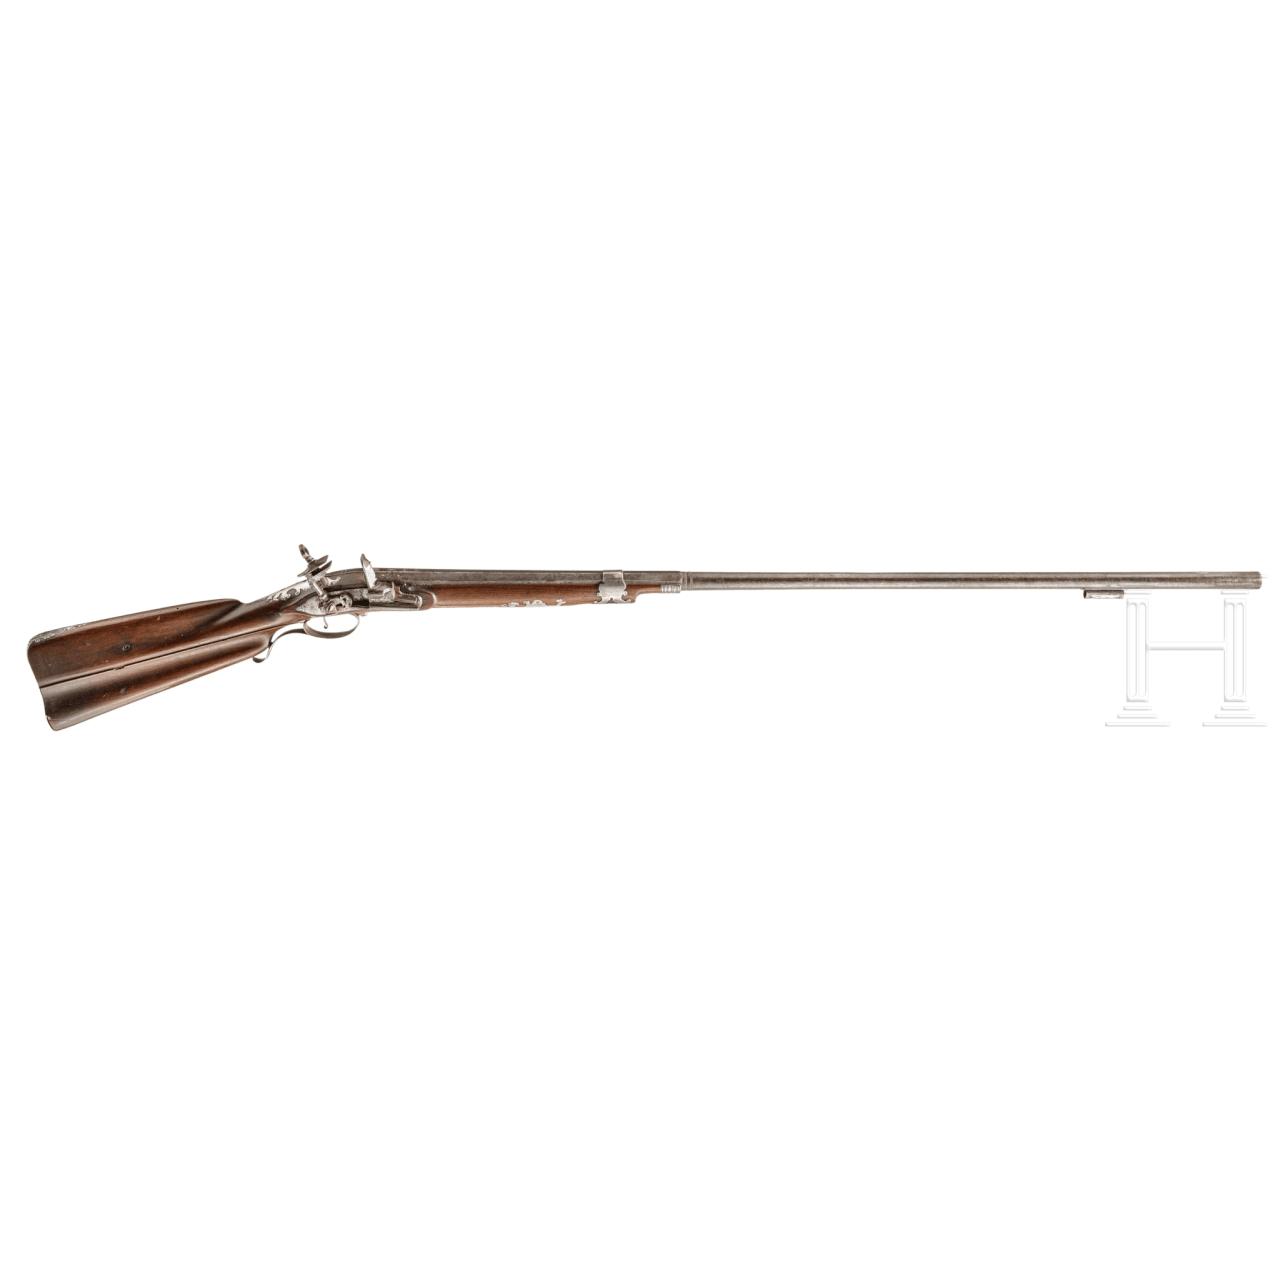 A Spanish silver-mounted Miquelet flintlock shotgun, 18th century